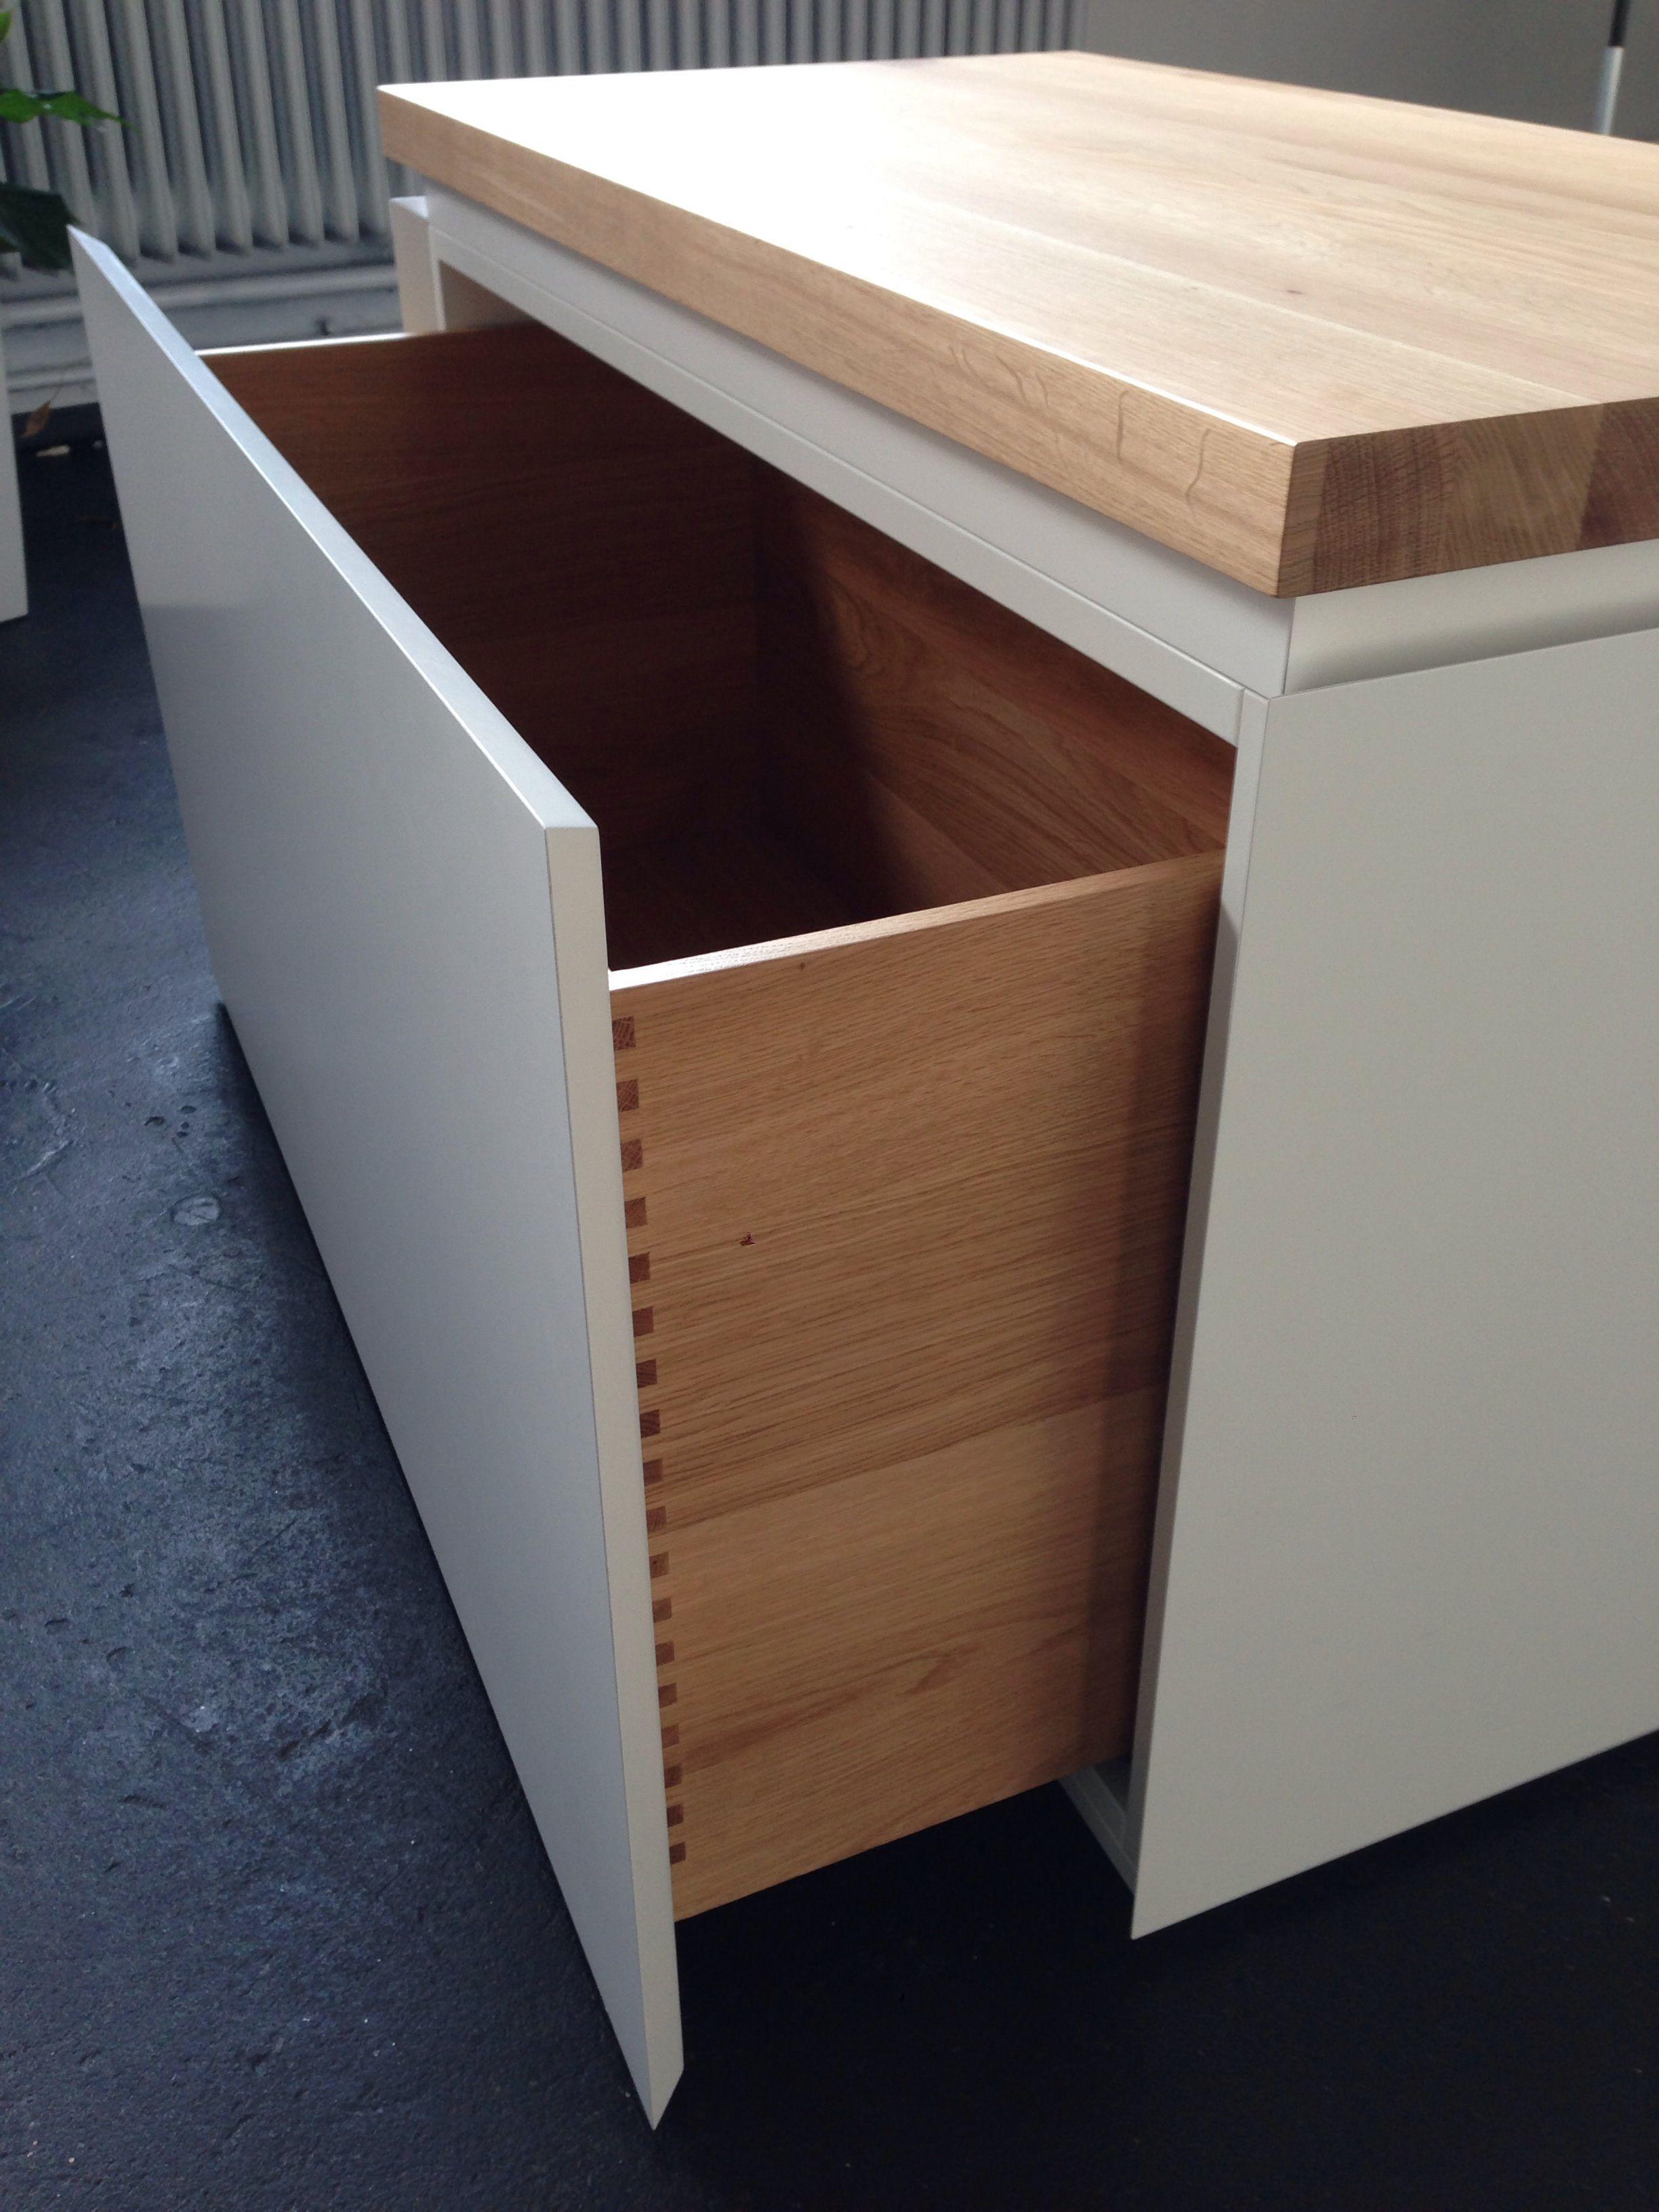 Unsere maßgefertigte Sitzbank bietet Stauraum für Schuhe, Schals ...